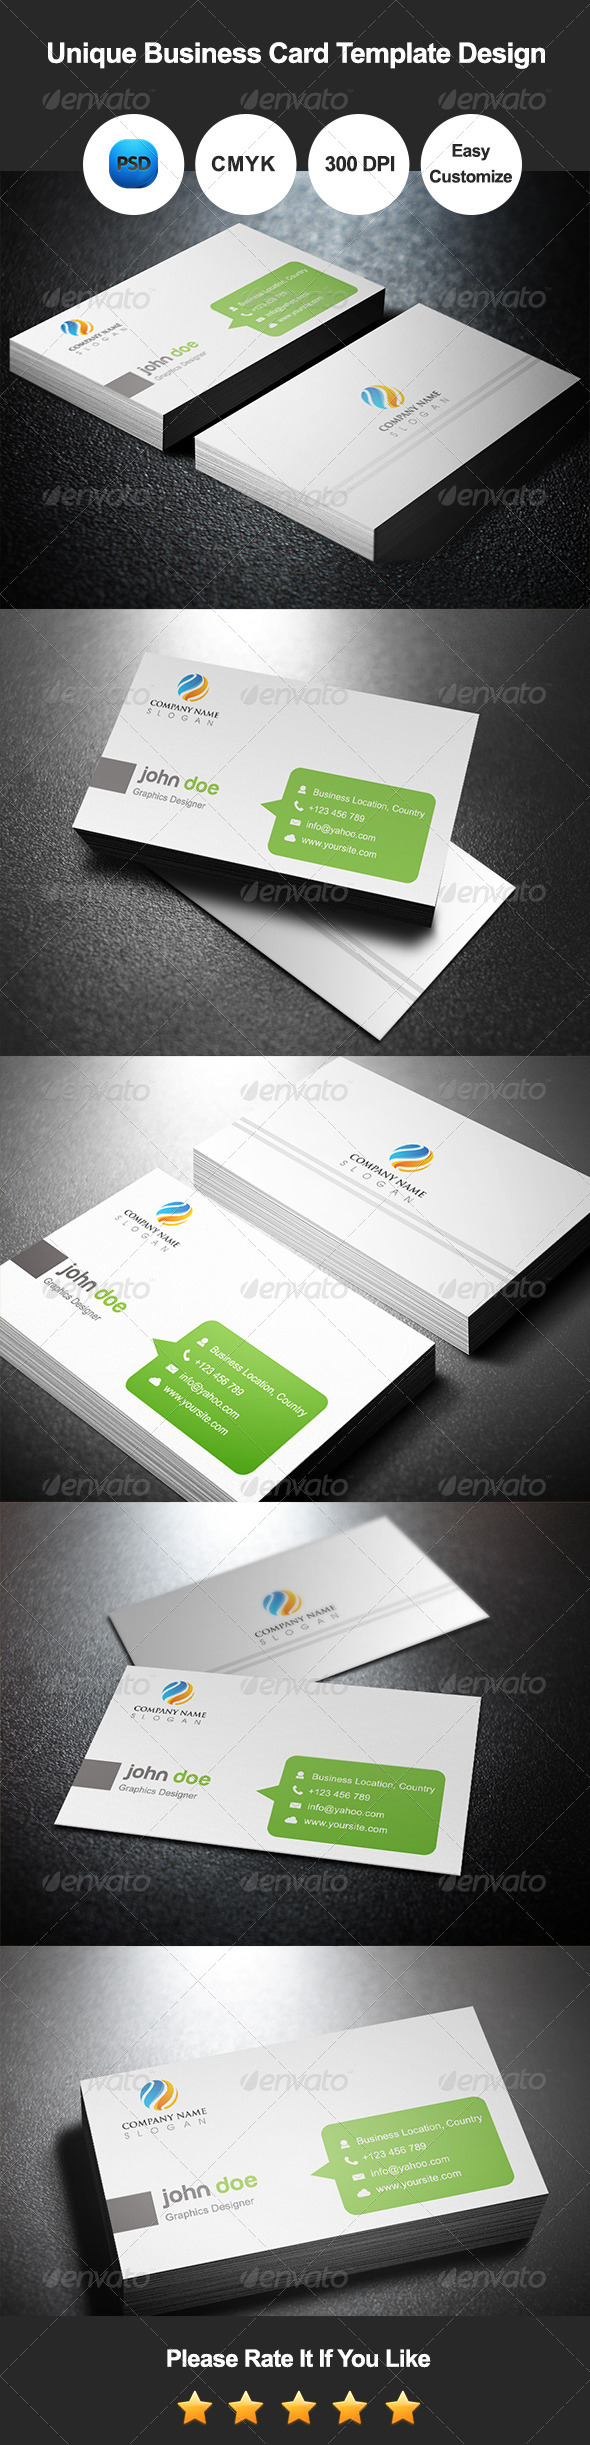 GraphicRiver Unique Business Card Template Design 7511635